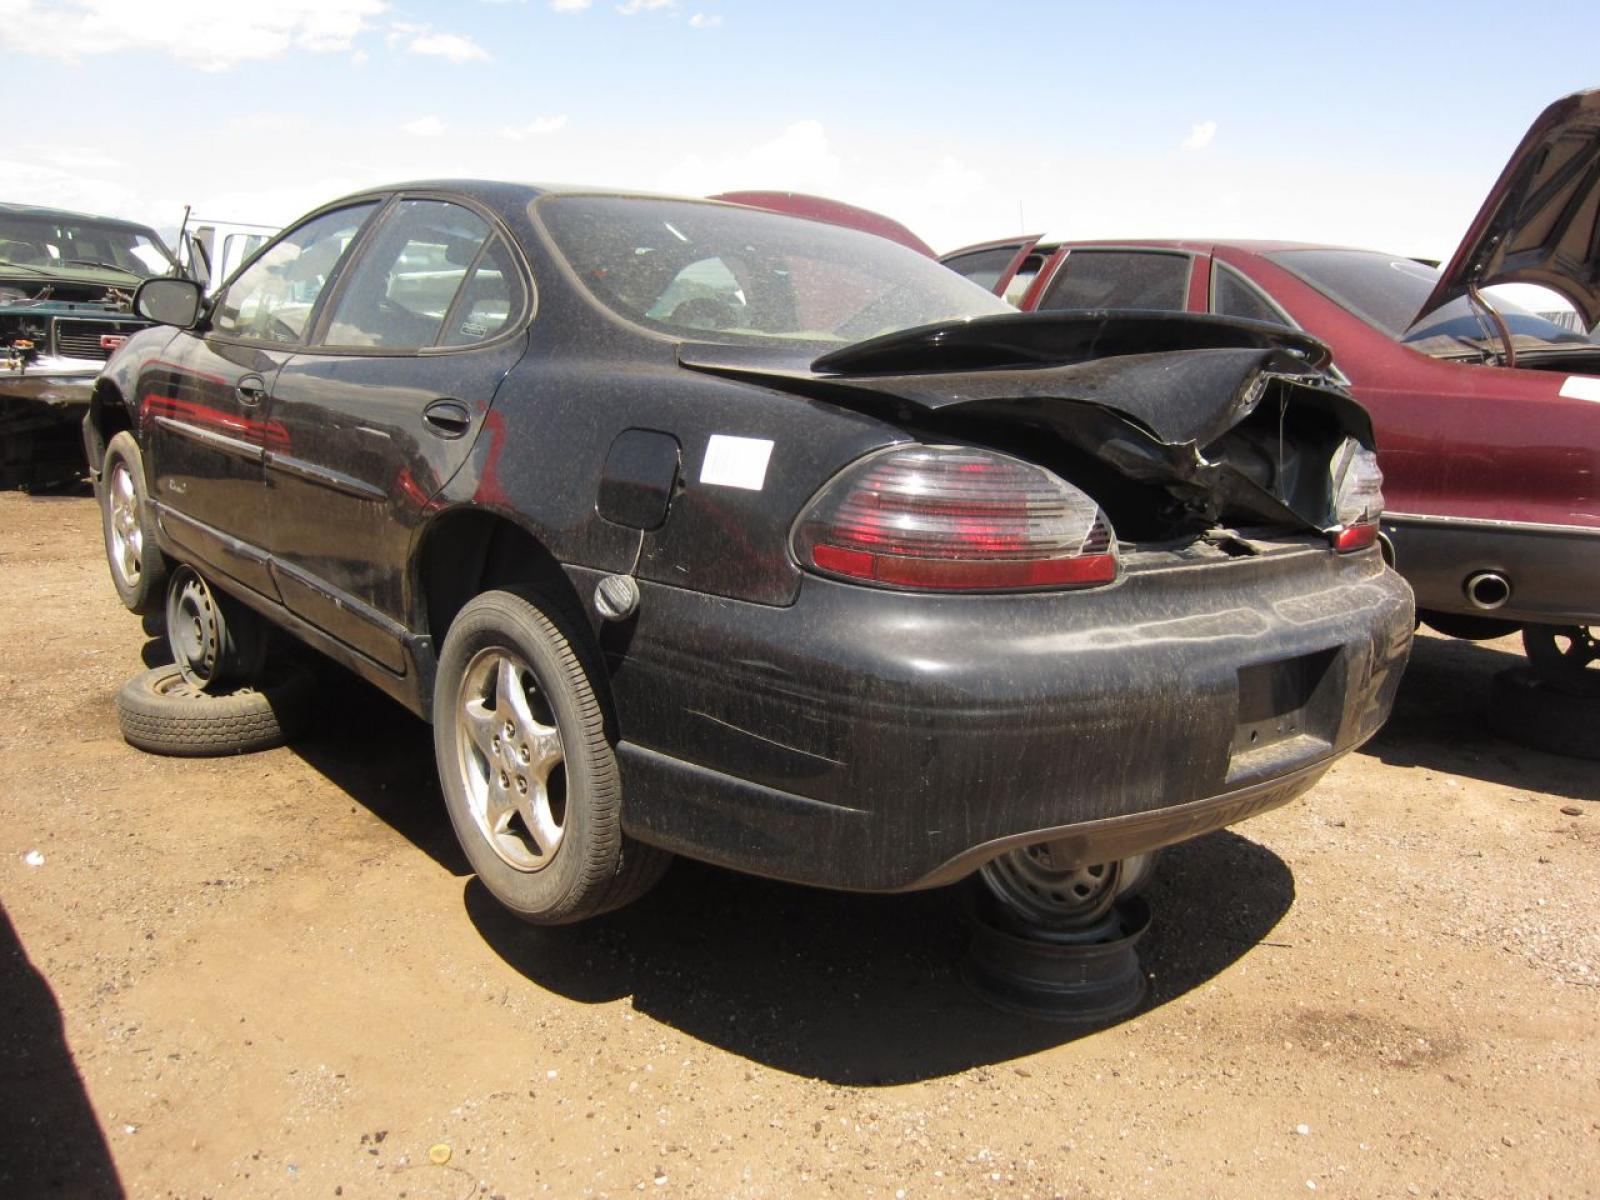 1998 Pontiac Grand Prix Information And Photos Zombiedrive Am 800 1024 1280 1600 Origin